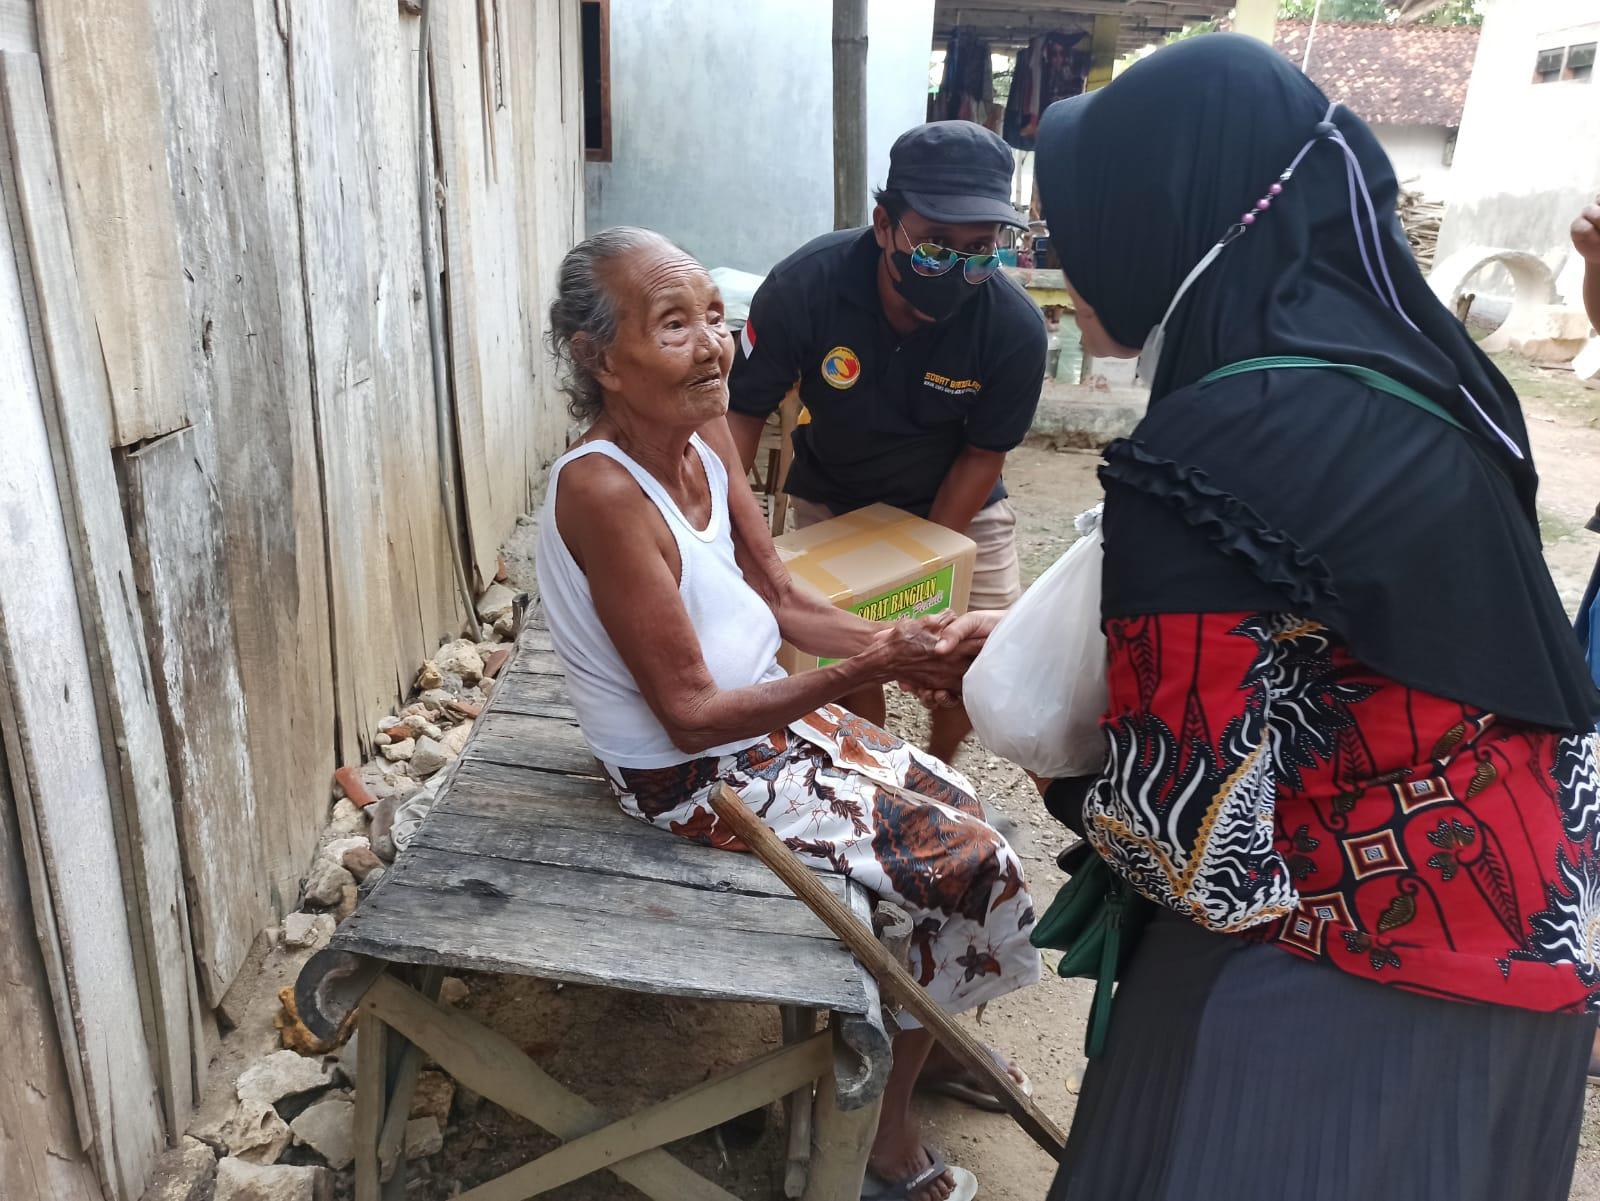 Silaturahmi ke Dusun Pulut, Beliau Meninggal Sebelum Kami Datang